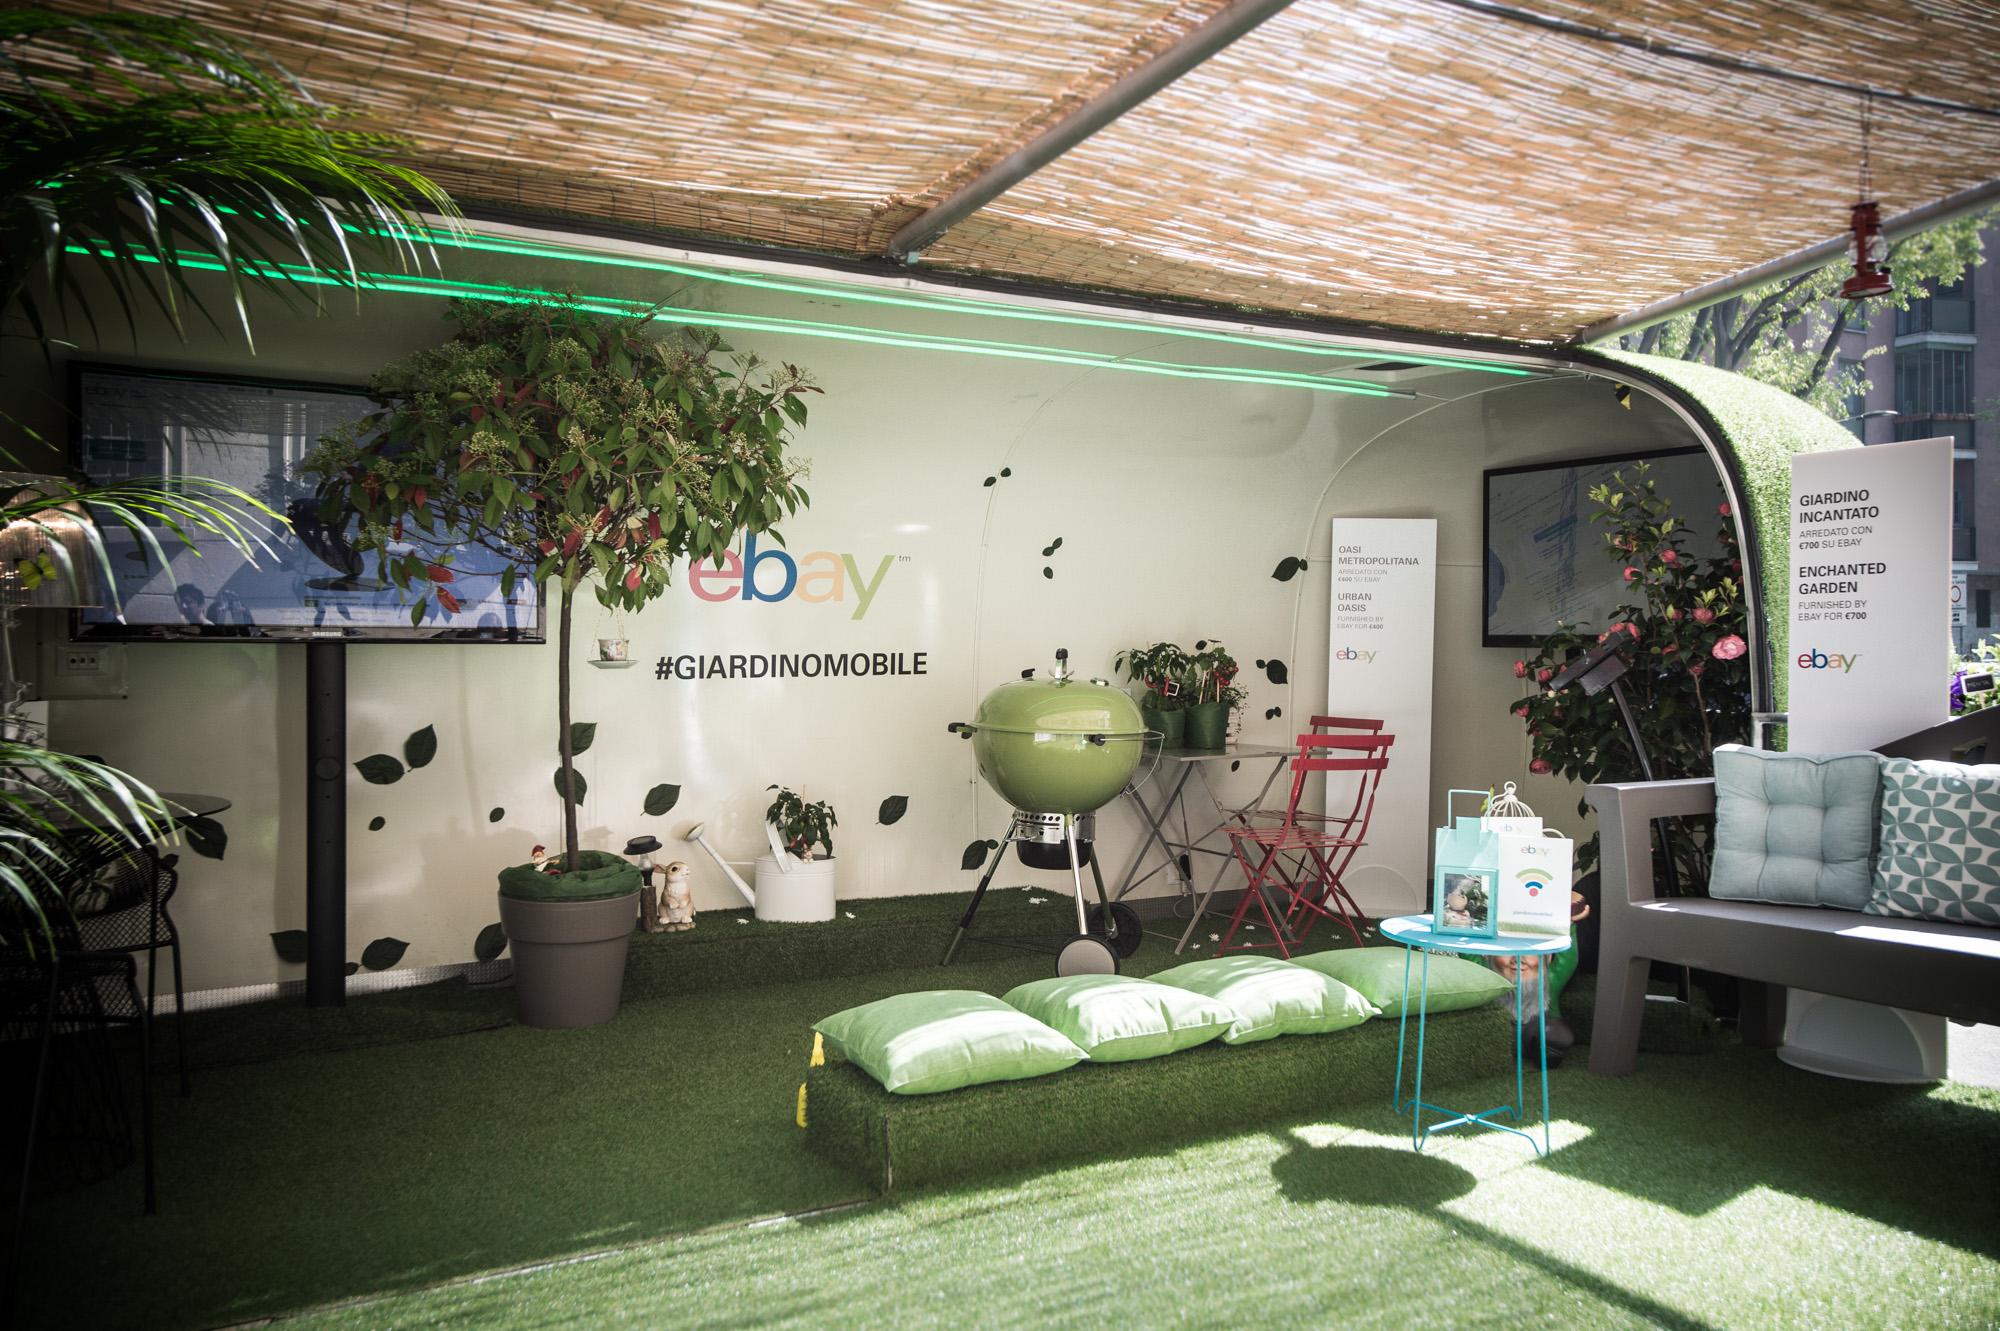 Arredi giardino design con vendita oggetti per giardino - Oggetti per giardino ...